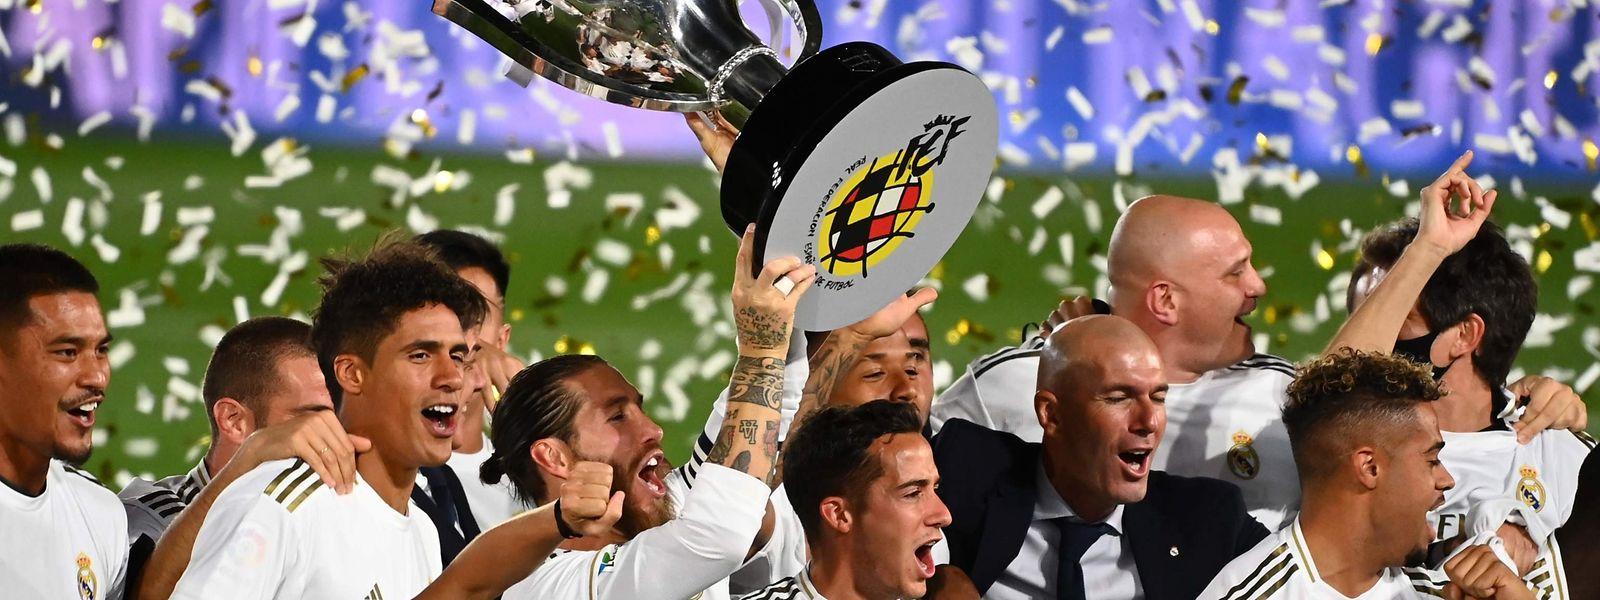 Après deux ans de règne du Barça, le Real Madrid a reconquis le titre de champion.